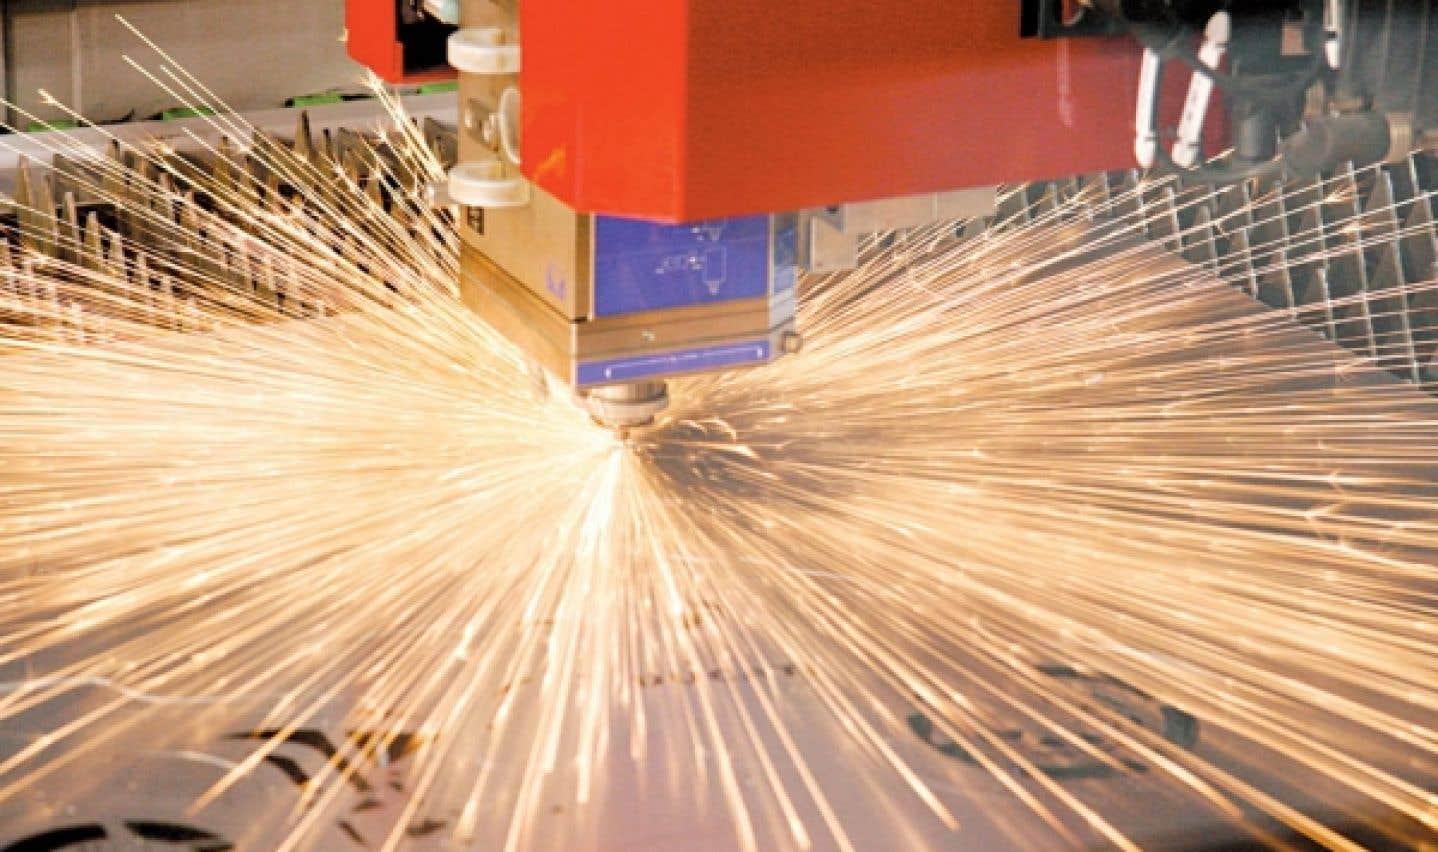 À propos de lasers, de fibres et d'une industrie où le Québec s'illustre